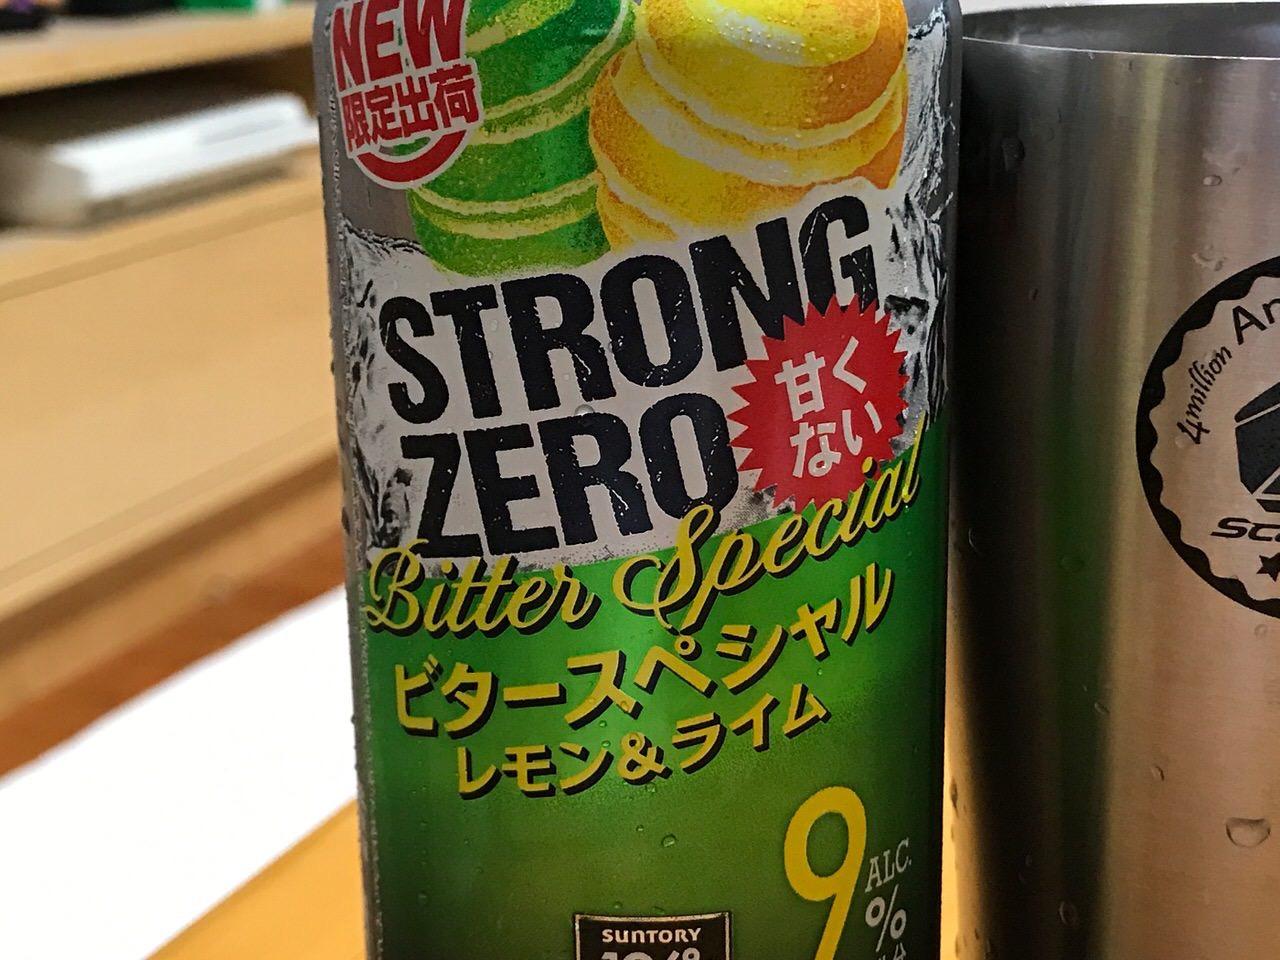 ストロングゼロ ビタースペシャル レモン&ライム 02